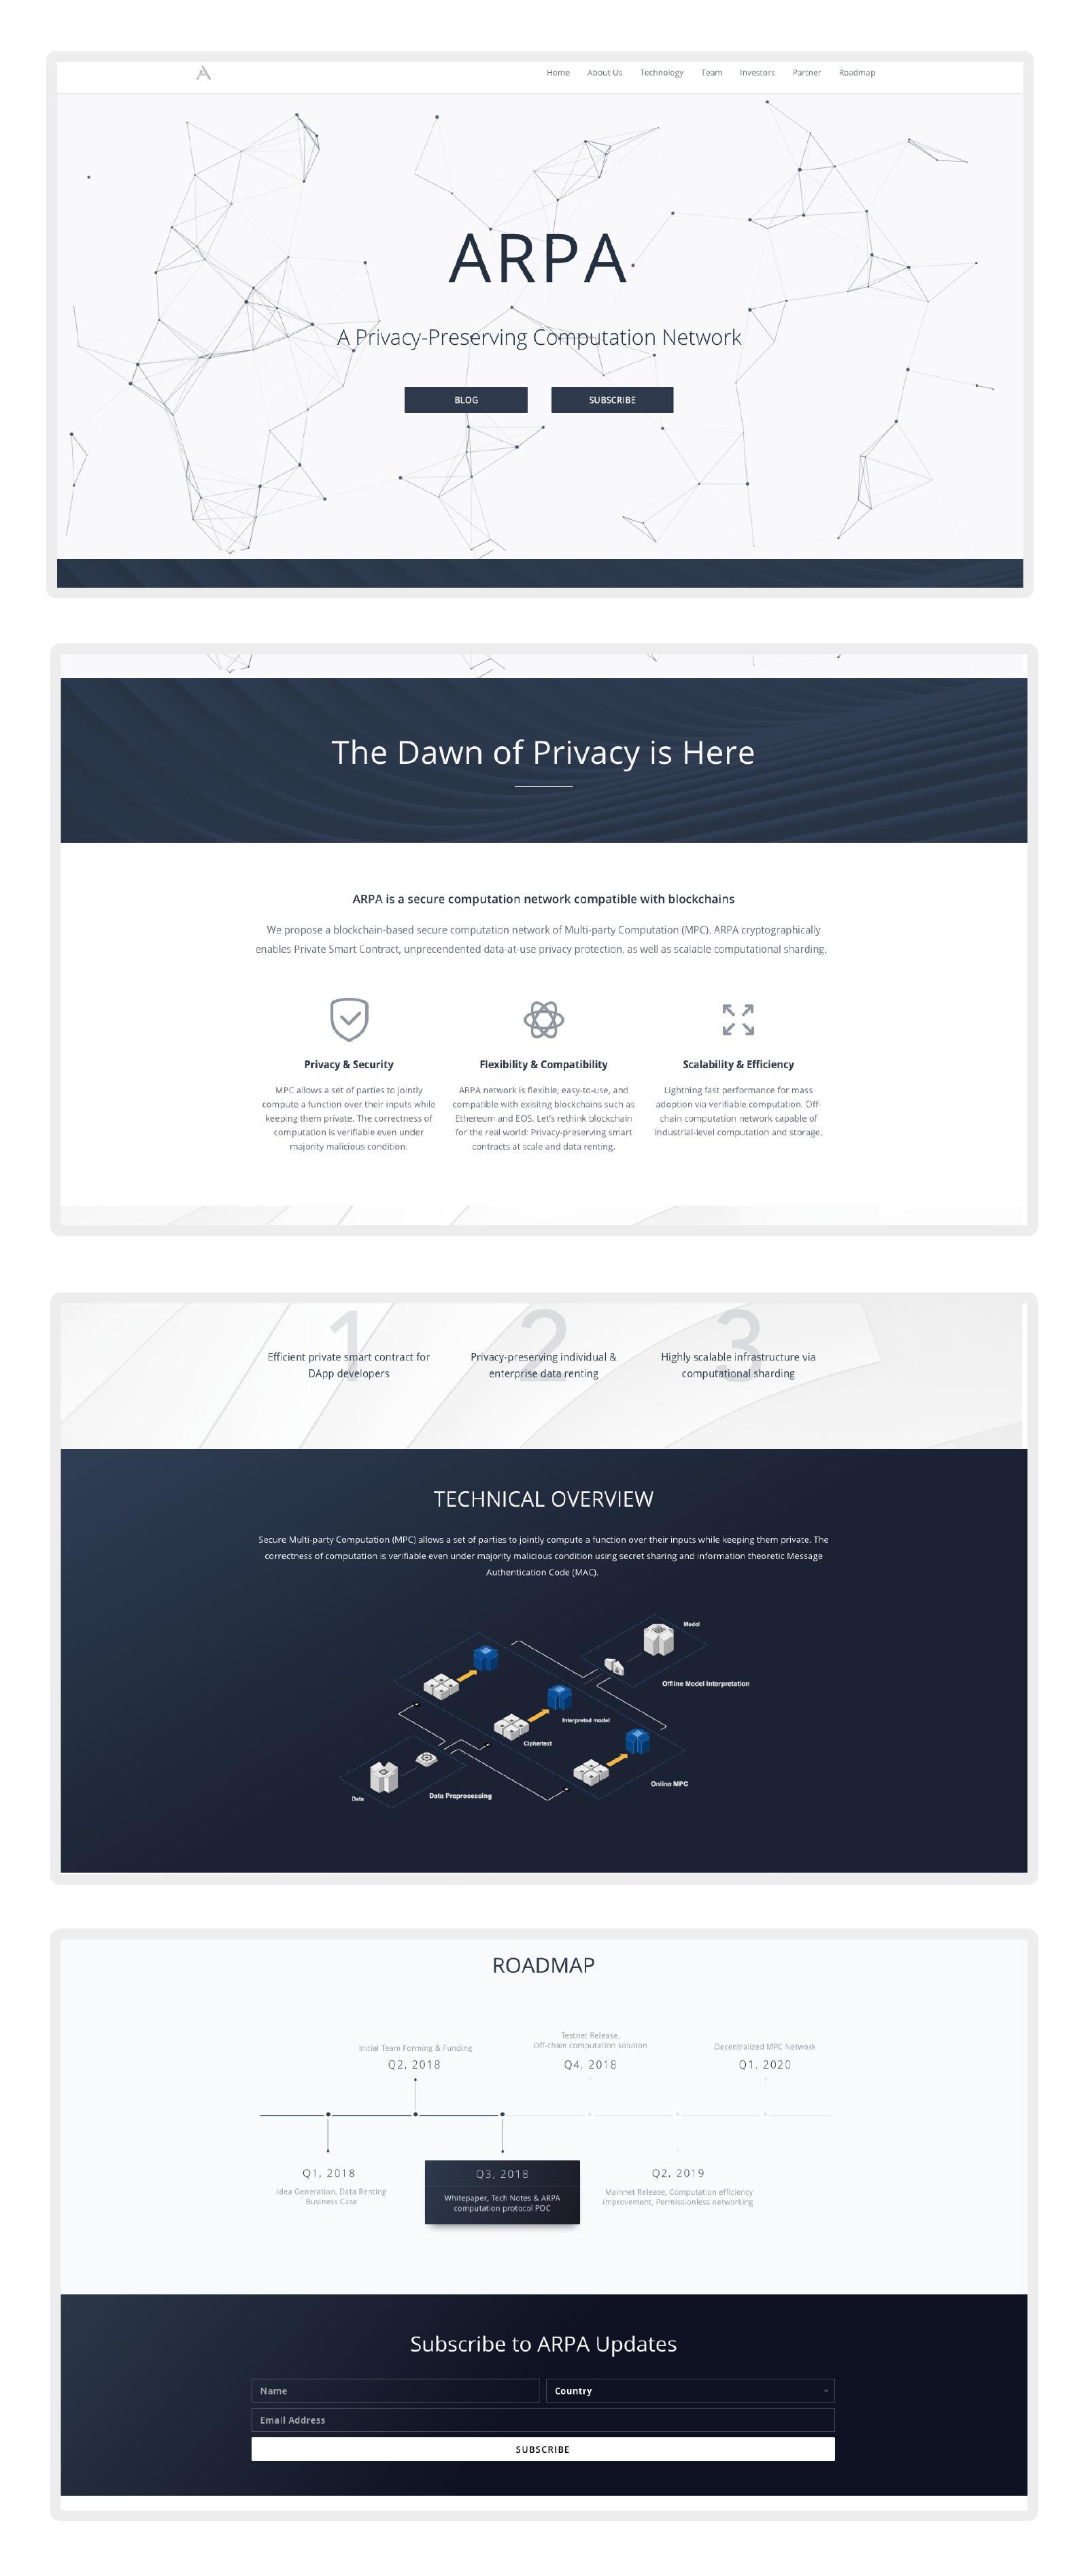 arpa-website-design-blockchain-02